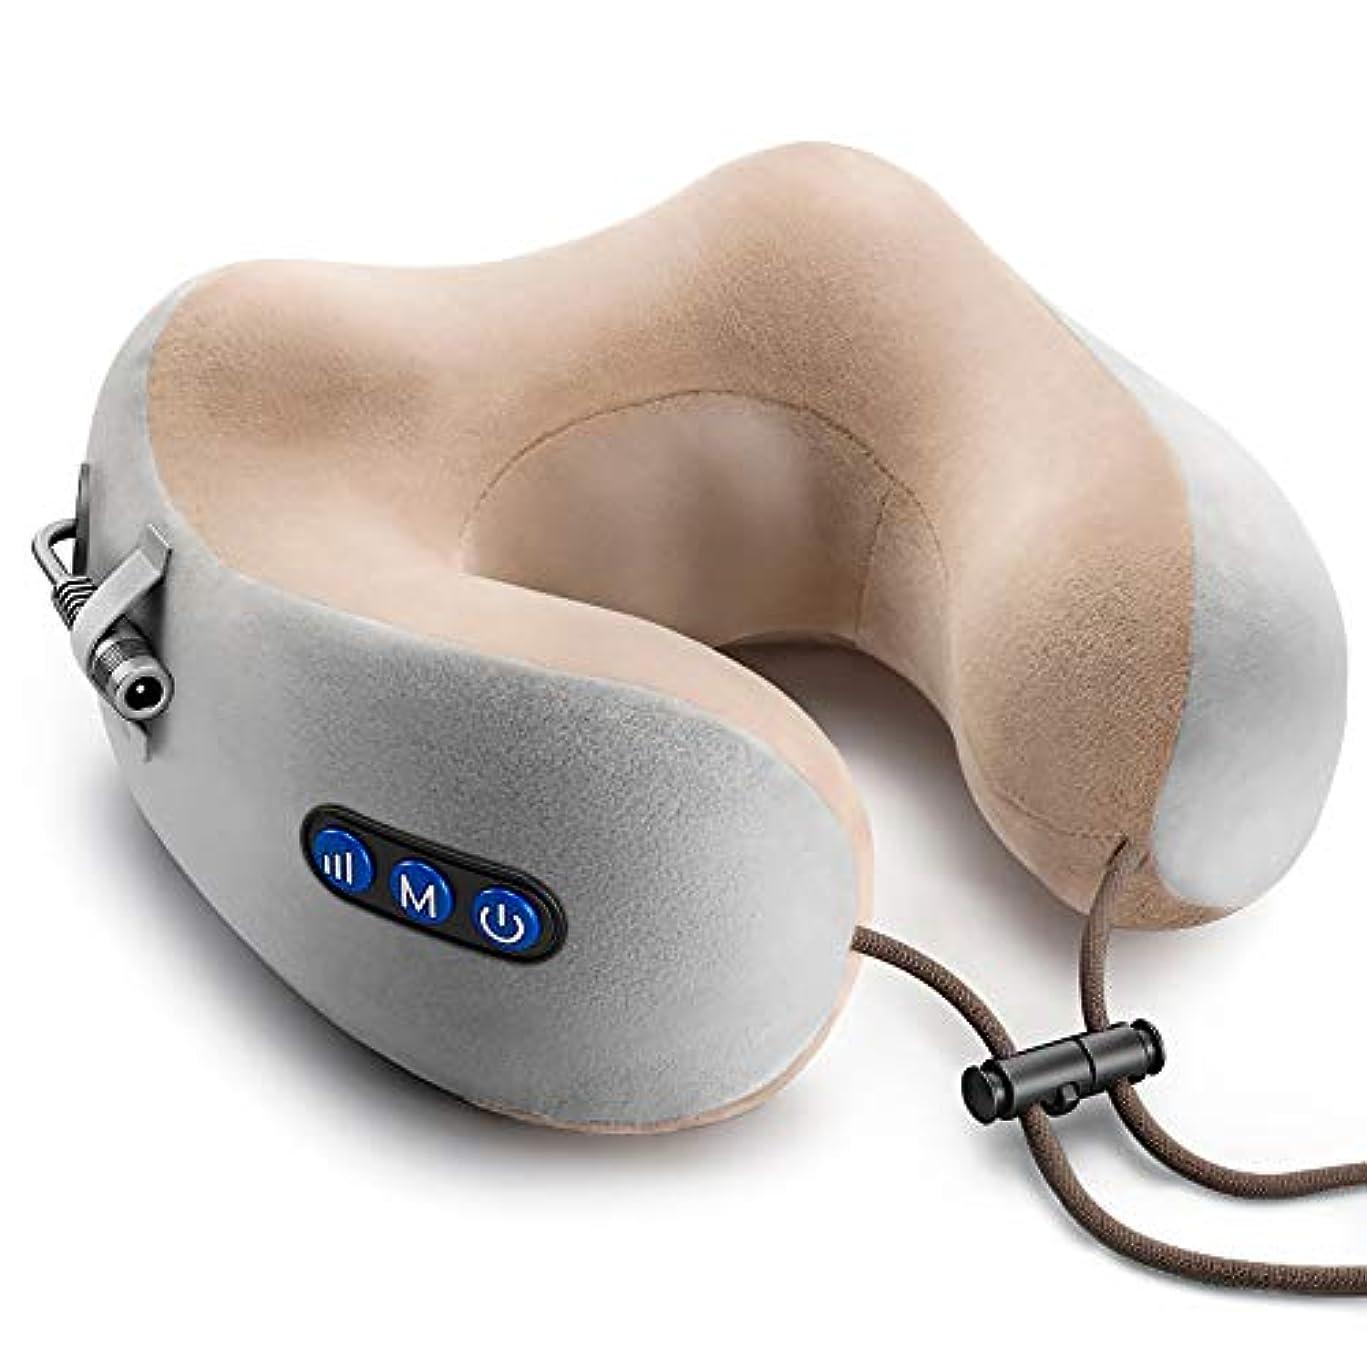 ドロー取得気絶させる首マッサージャー ネックマッサージャー U型 USB充電式 3モード 低反発ネックマッサージピロー 自動オフ機能 肩こり ストレス解消 多機能 人間工学 日本語取扱説明書付 プレゼント